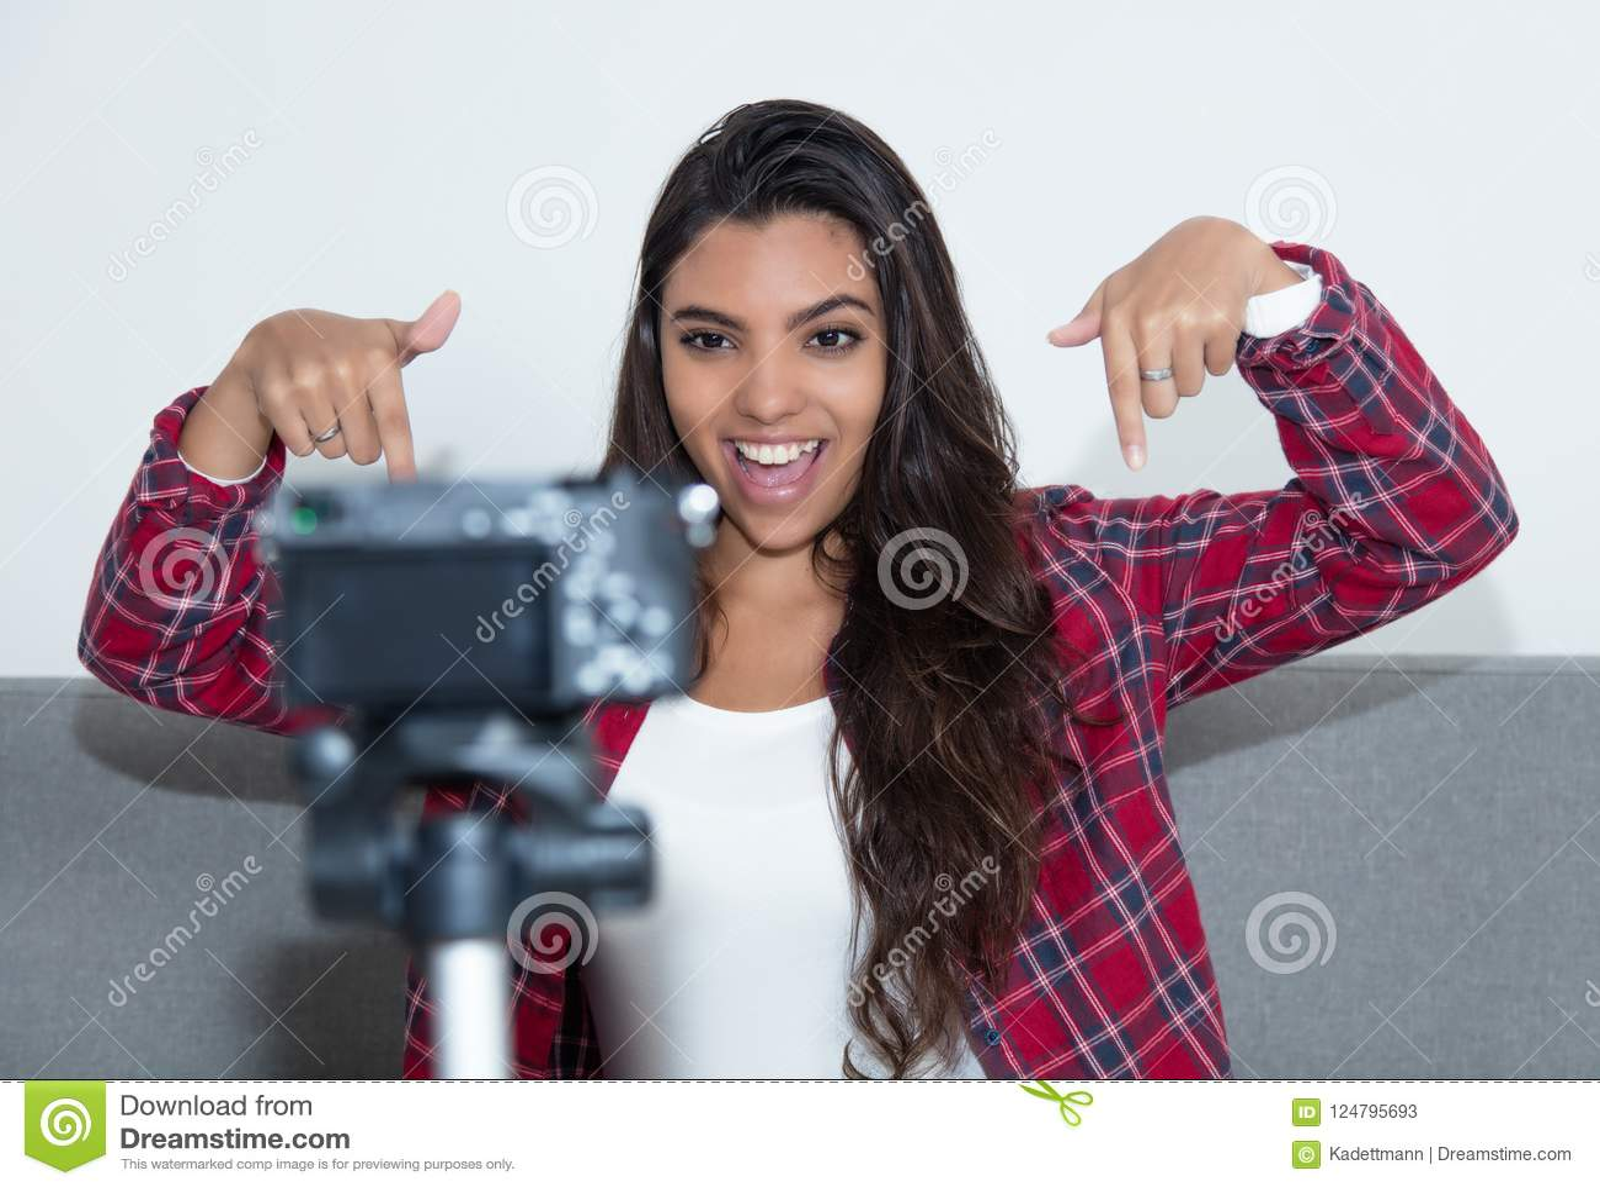 Pose du blog latino-américain de vidéo d enregistrement de fille d influencer